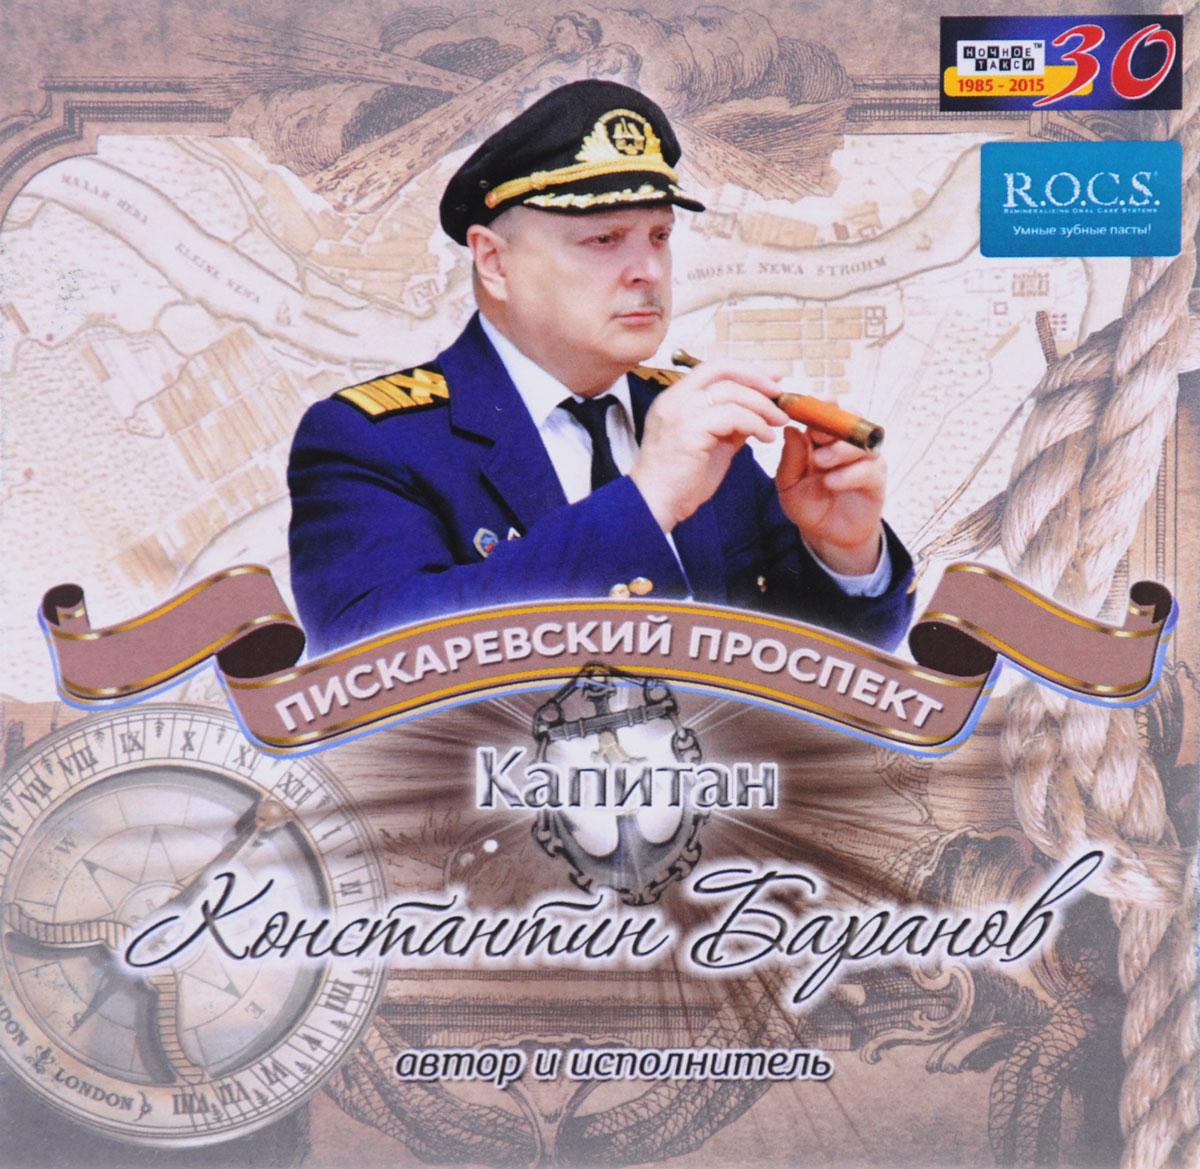 Константин Баранов Капитан Баранов. Пискаревский проспект